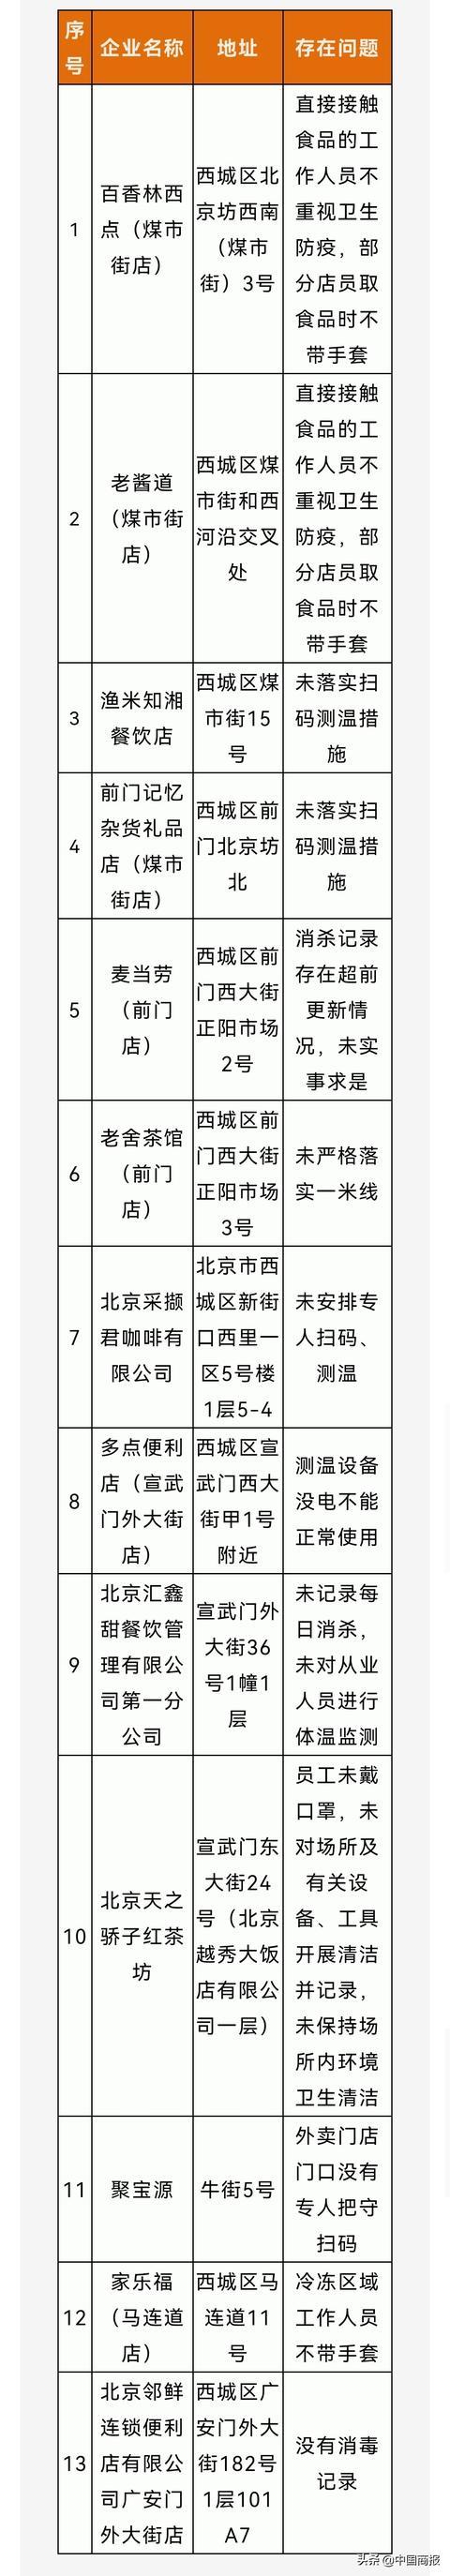 防疫不力被点名,北京聚宝源总店、麦当劳前门店等整改情况如何